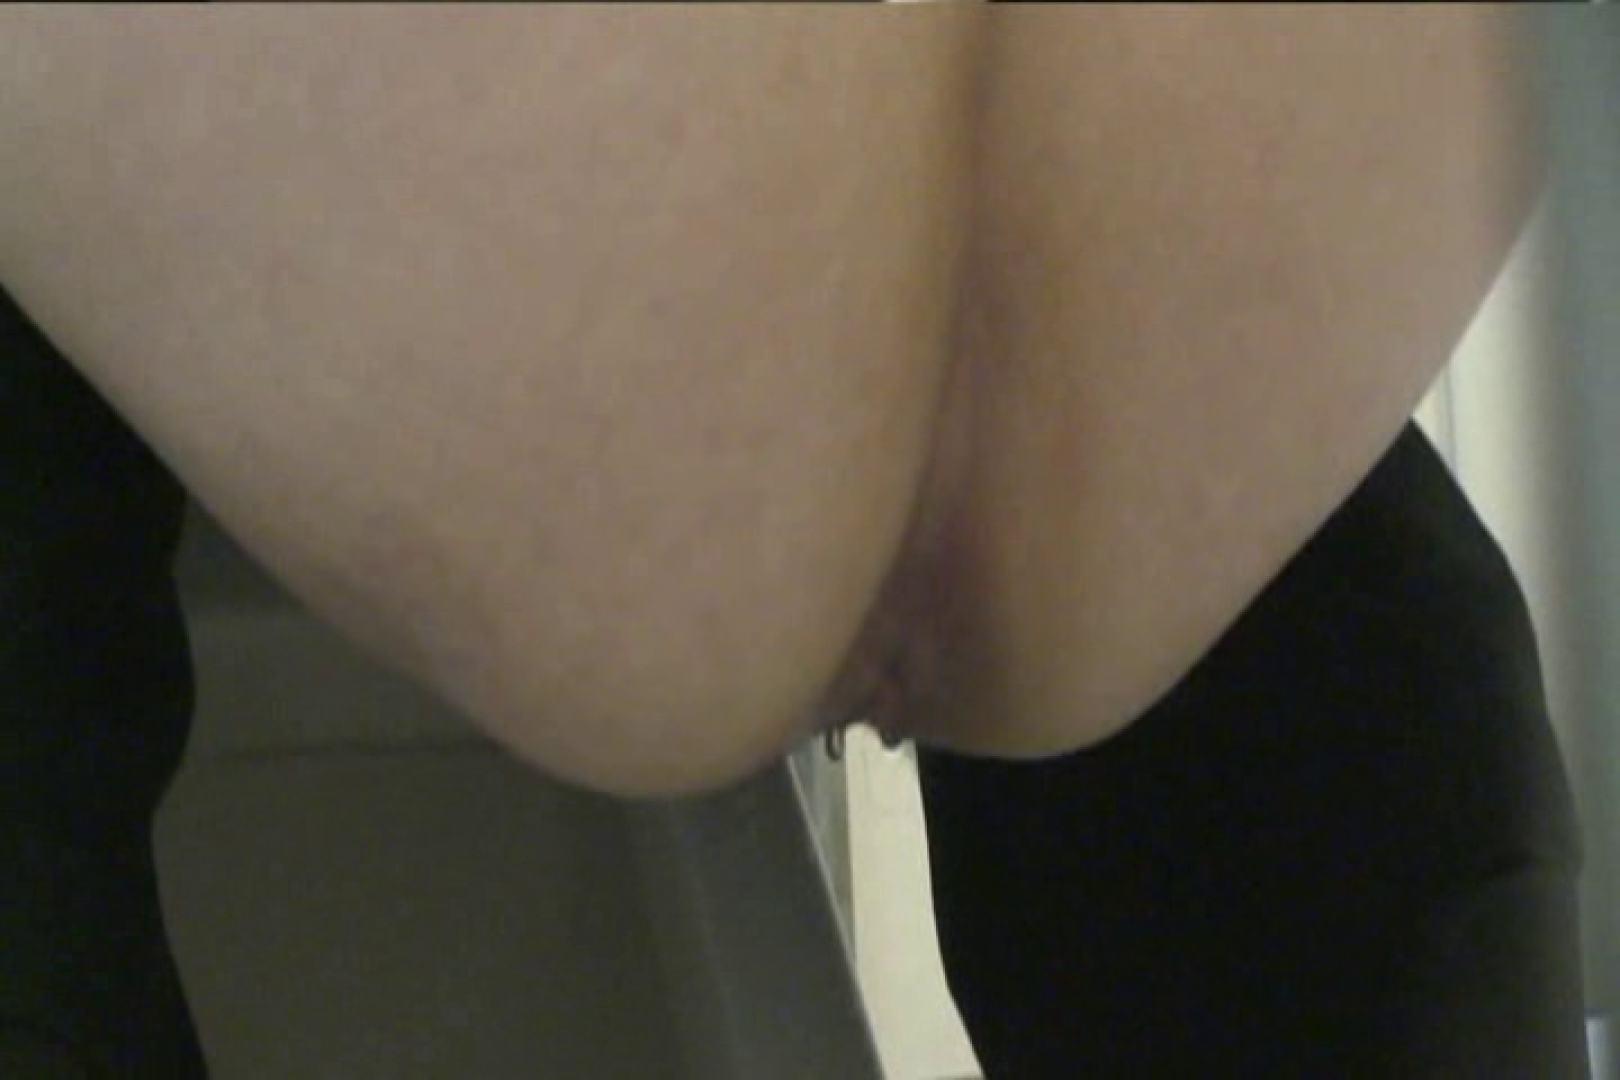 マンコ丸見え女子洗面所Vol.31 OLセックス 覗きぱこり動画紹介 91画像 34